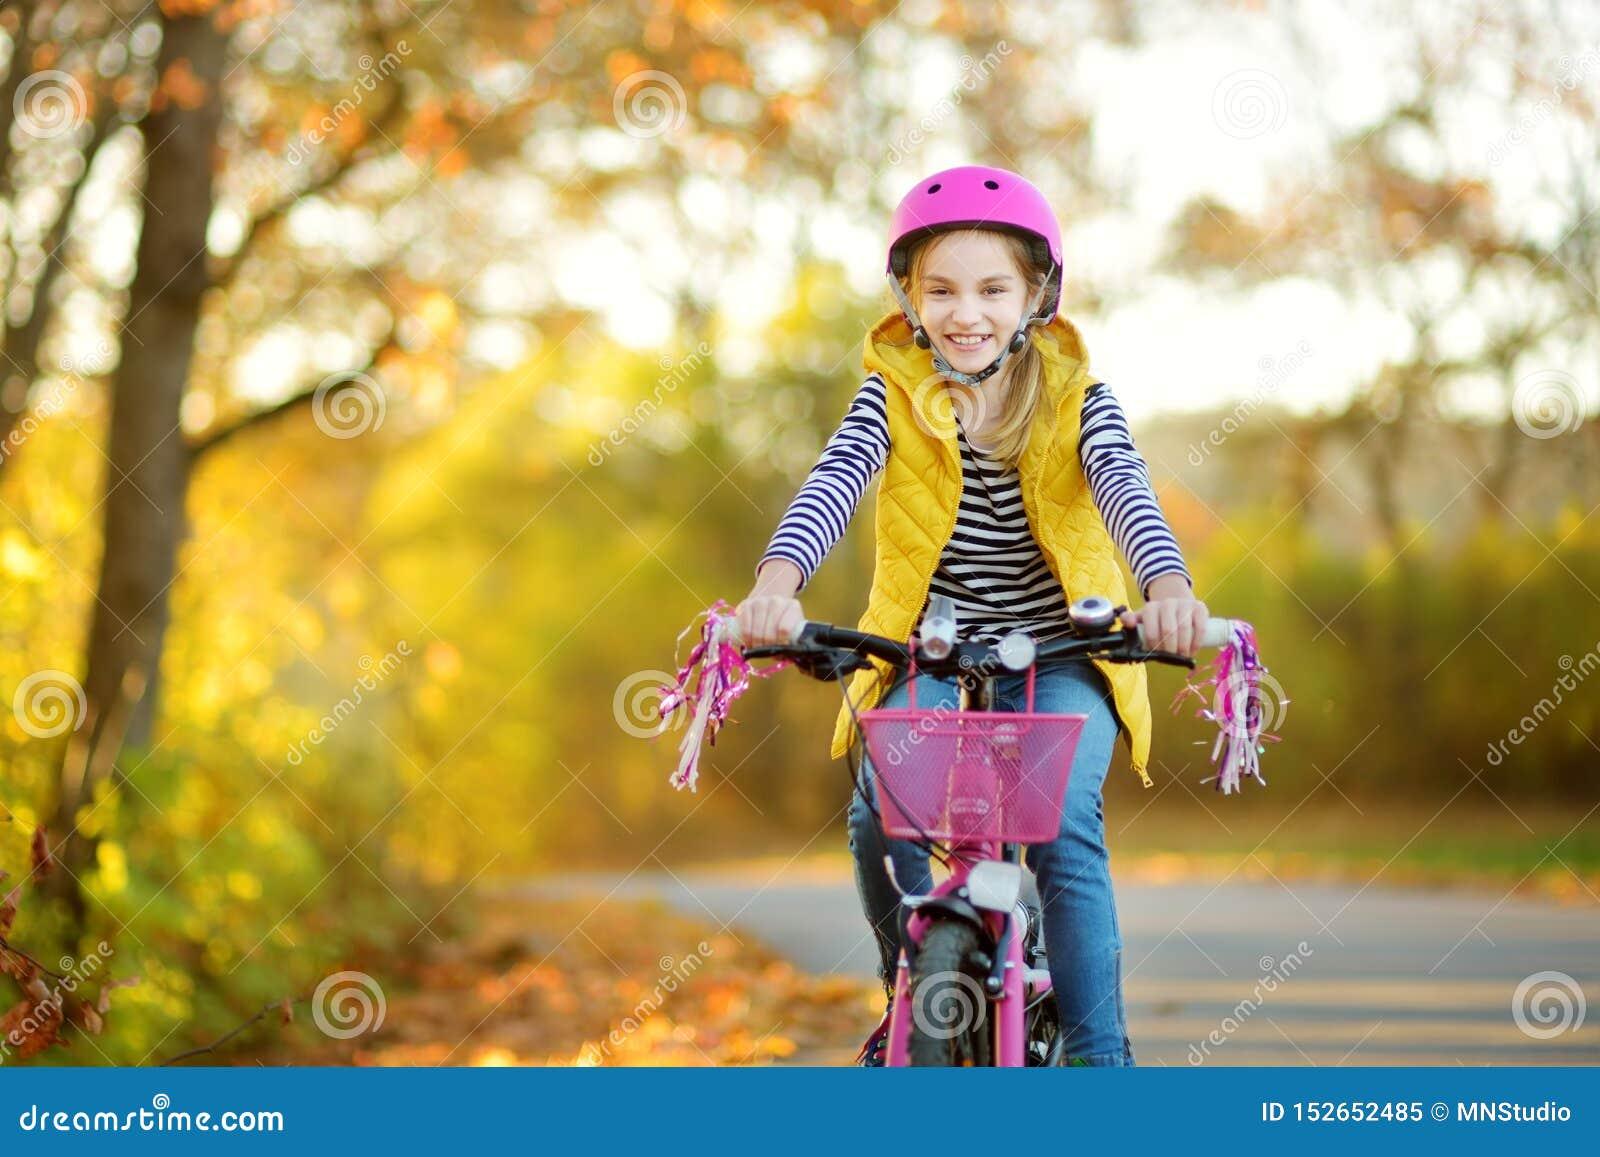 Прелестная маленькая девочка ехать велосипед в парке города на солнечный день осени Активный отдых семьи с детьми